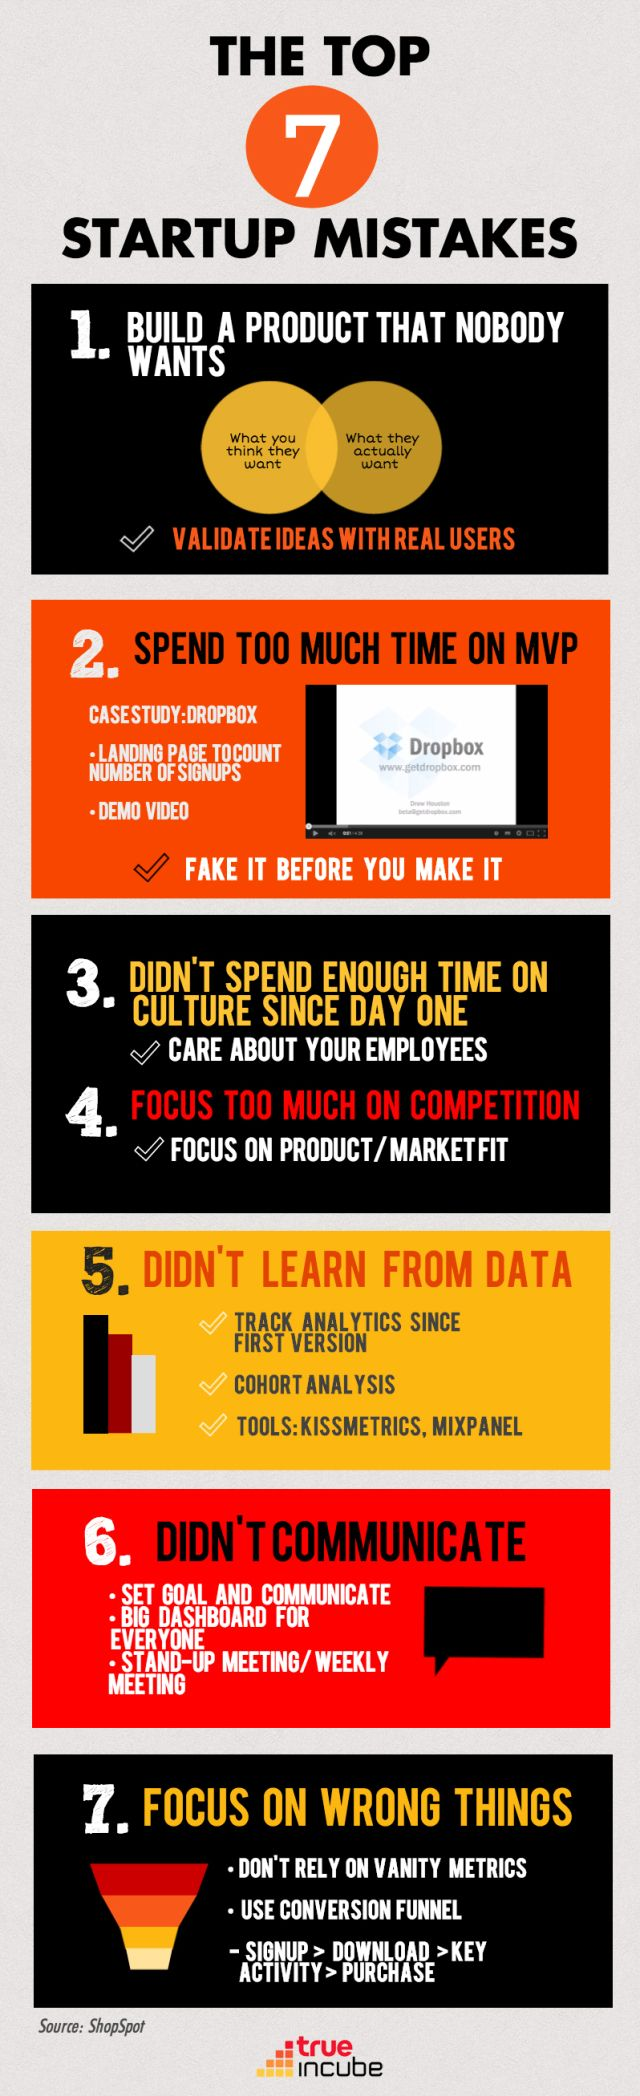 """True Incube tarafından hazırlanan """"Starting a Business? The Top 7 Mistakes You Should Avoid   İş mi kuruyorsunuz? En Çok Yapılan ve Kaçınmanız Gereken 7 Hata"""" adlı infografik çalışmasında en çok yapılan startup hataları ve buna karşılık olarak neler yapılması gerektiği aktarılmaktadır. Başarısız girişimcilik davranışlarını gelin, birlikte keşfedelim.#girişimcilik #socialbusiness #socialbusinesstr #iş #kariyer #entrepreneur #social #business"""